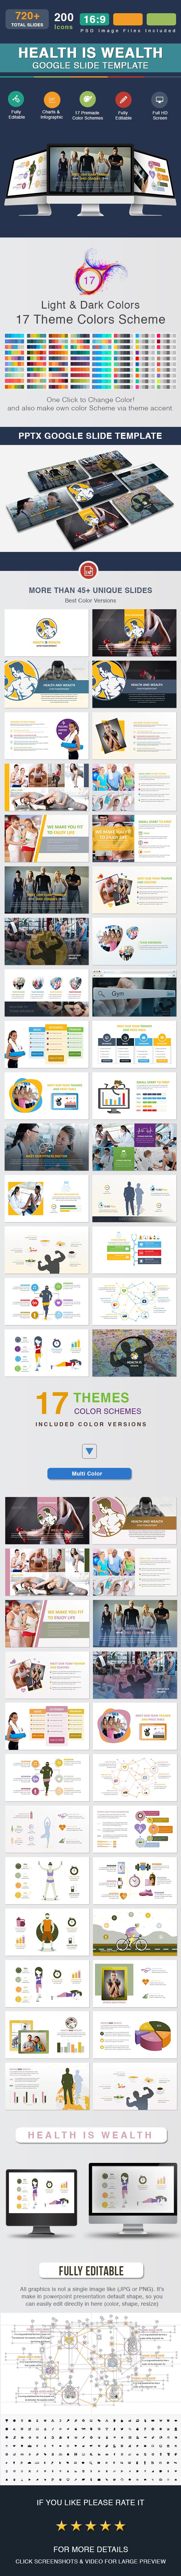 Health Is Wealth Google Slide - Google Slides Presentation Templates